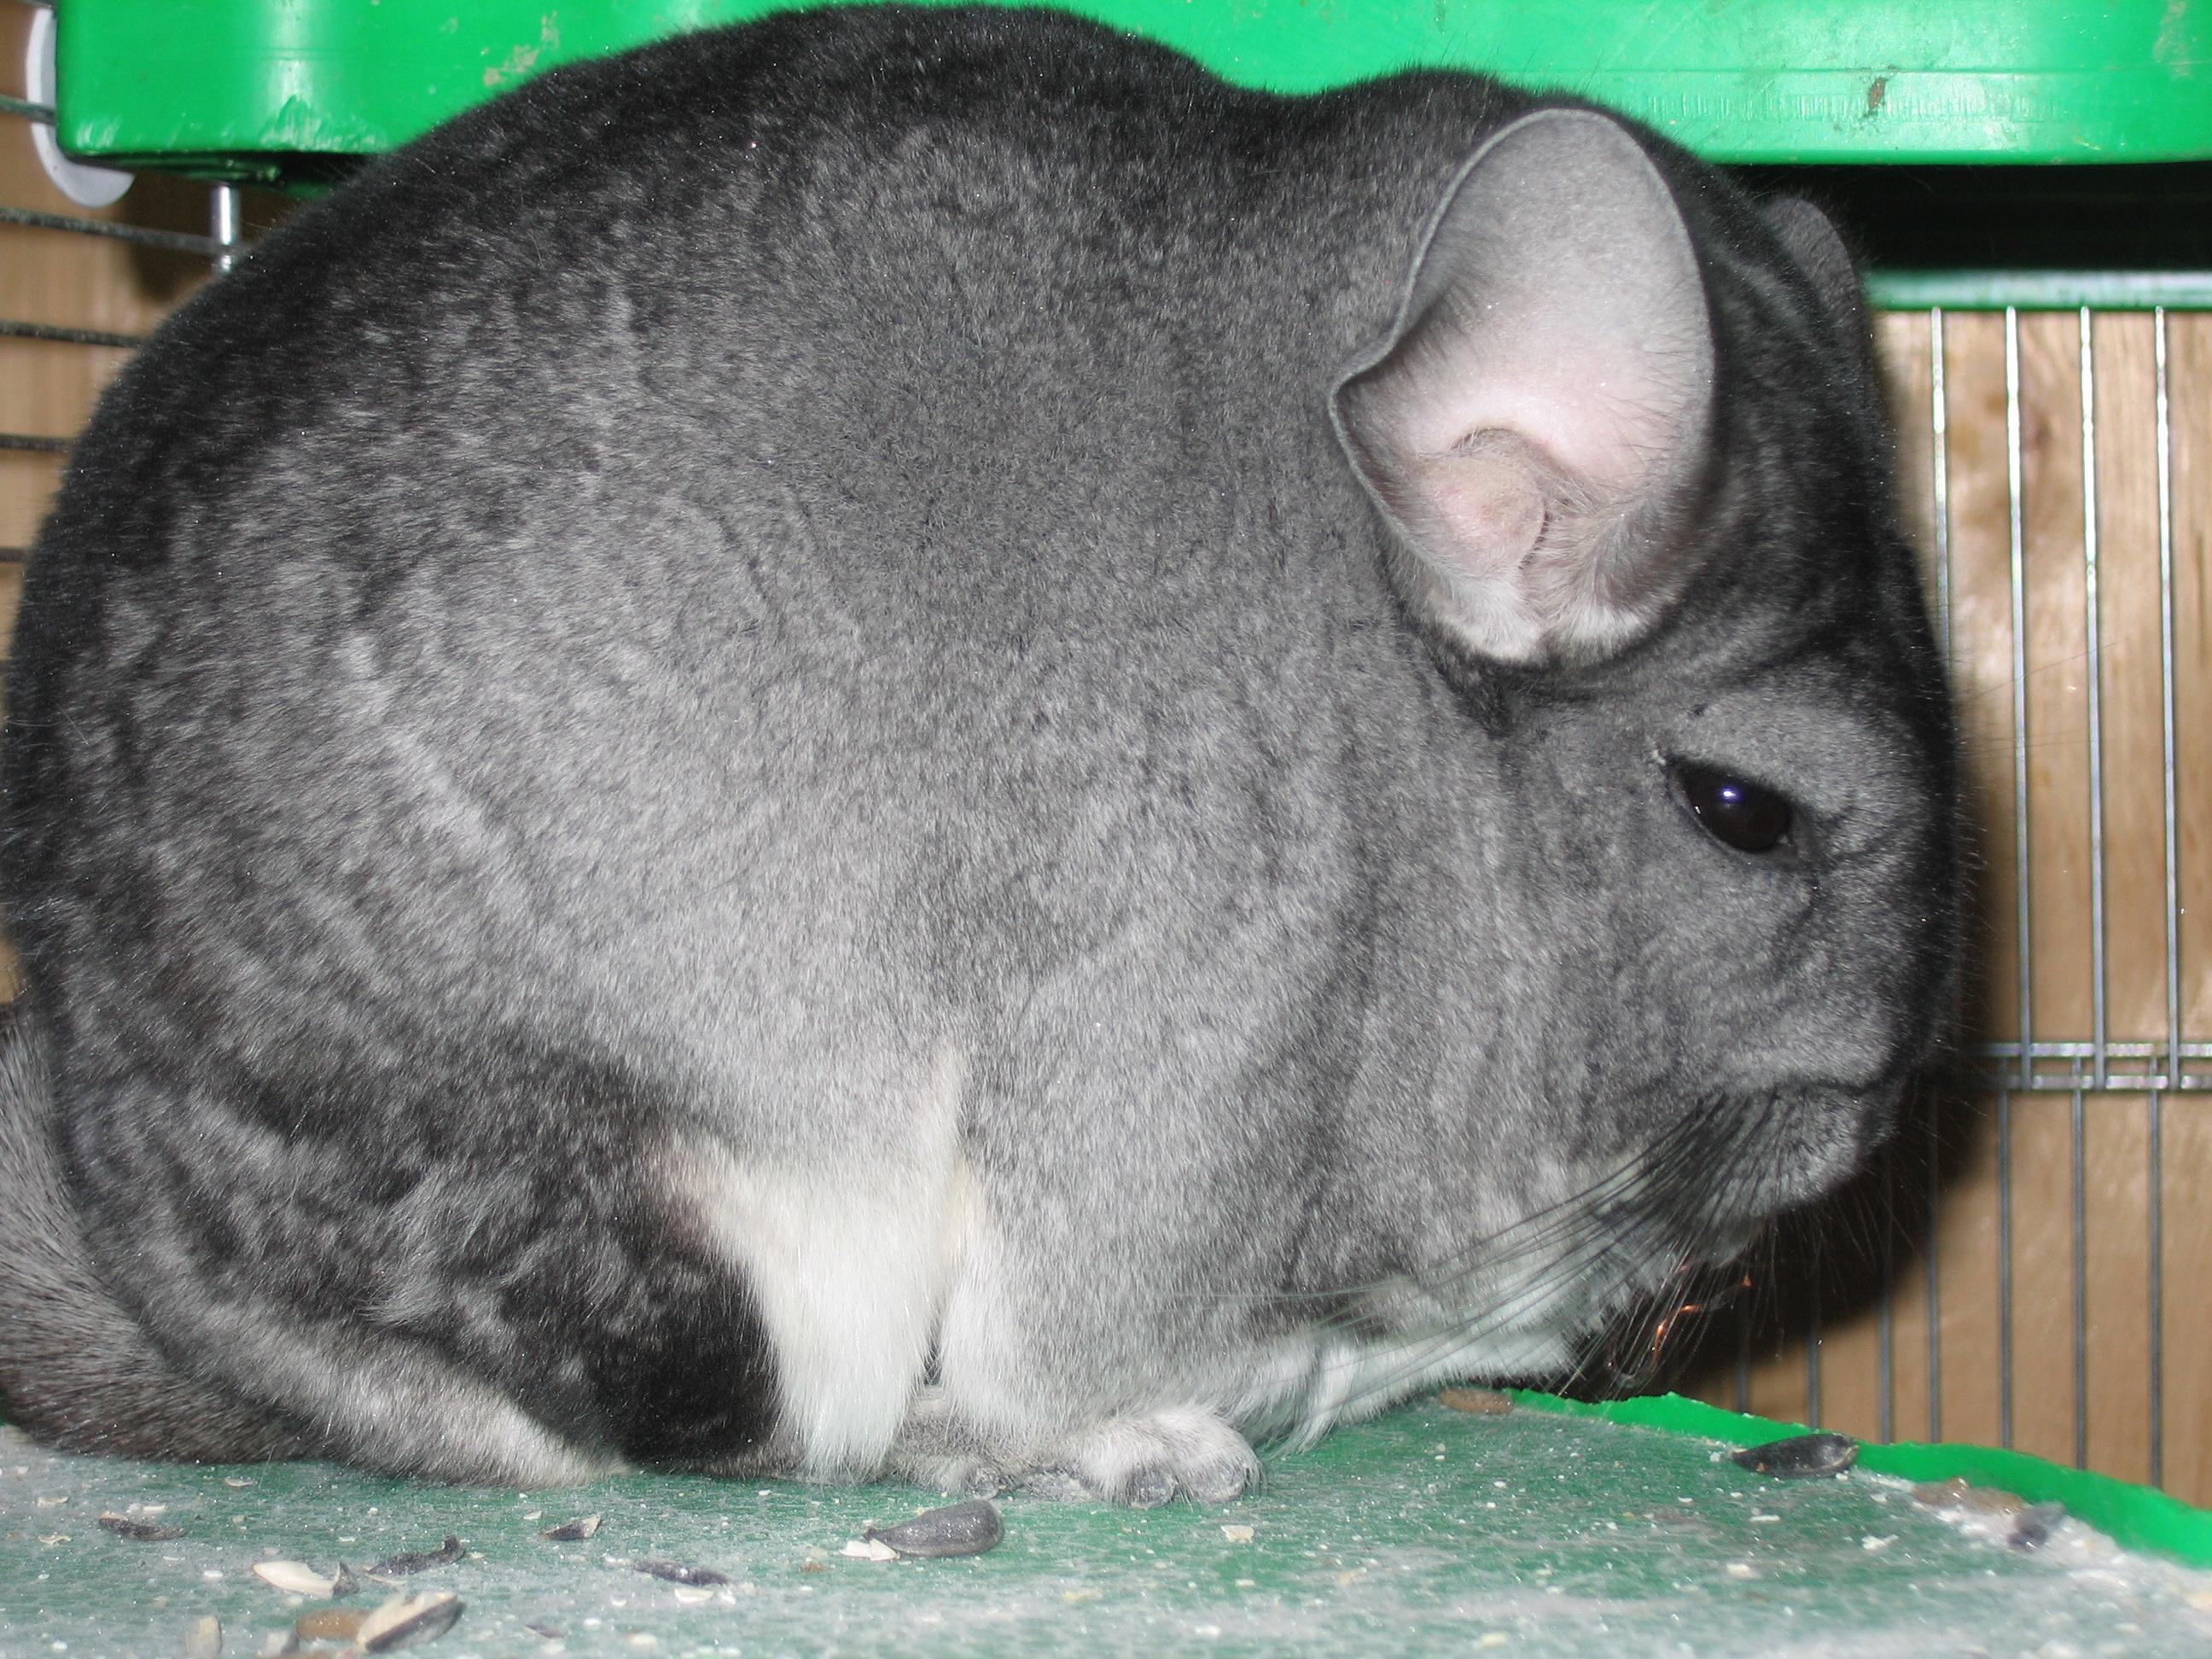 https://upload.wikimedia.org/wikipedia/commons/7/73/Pet_Chinchilla.jpg